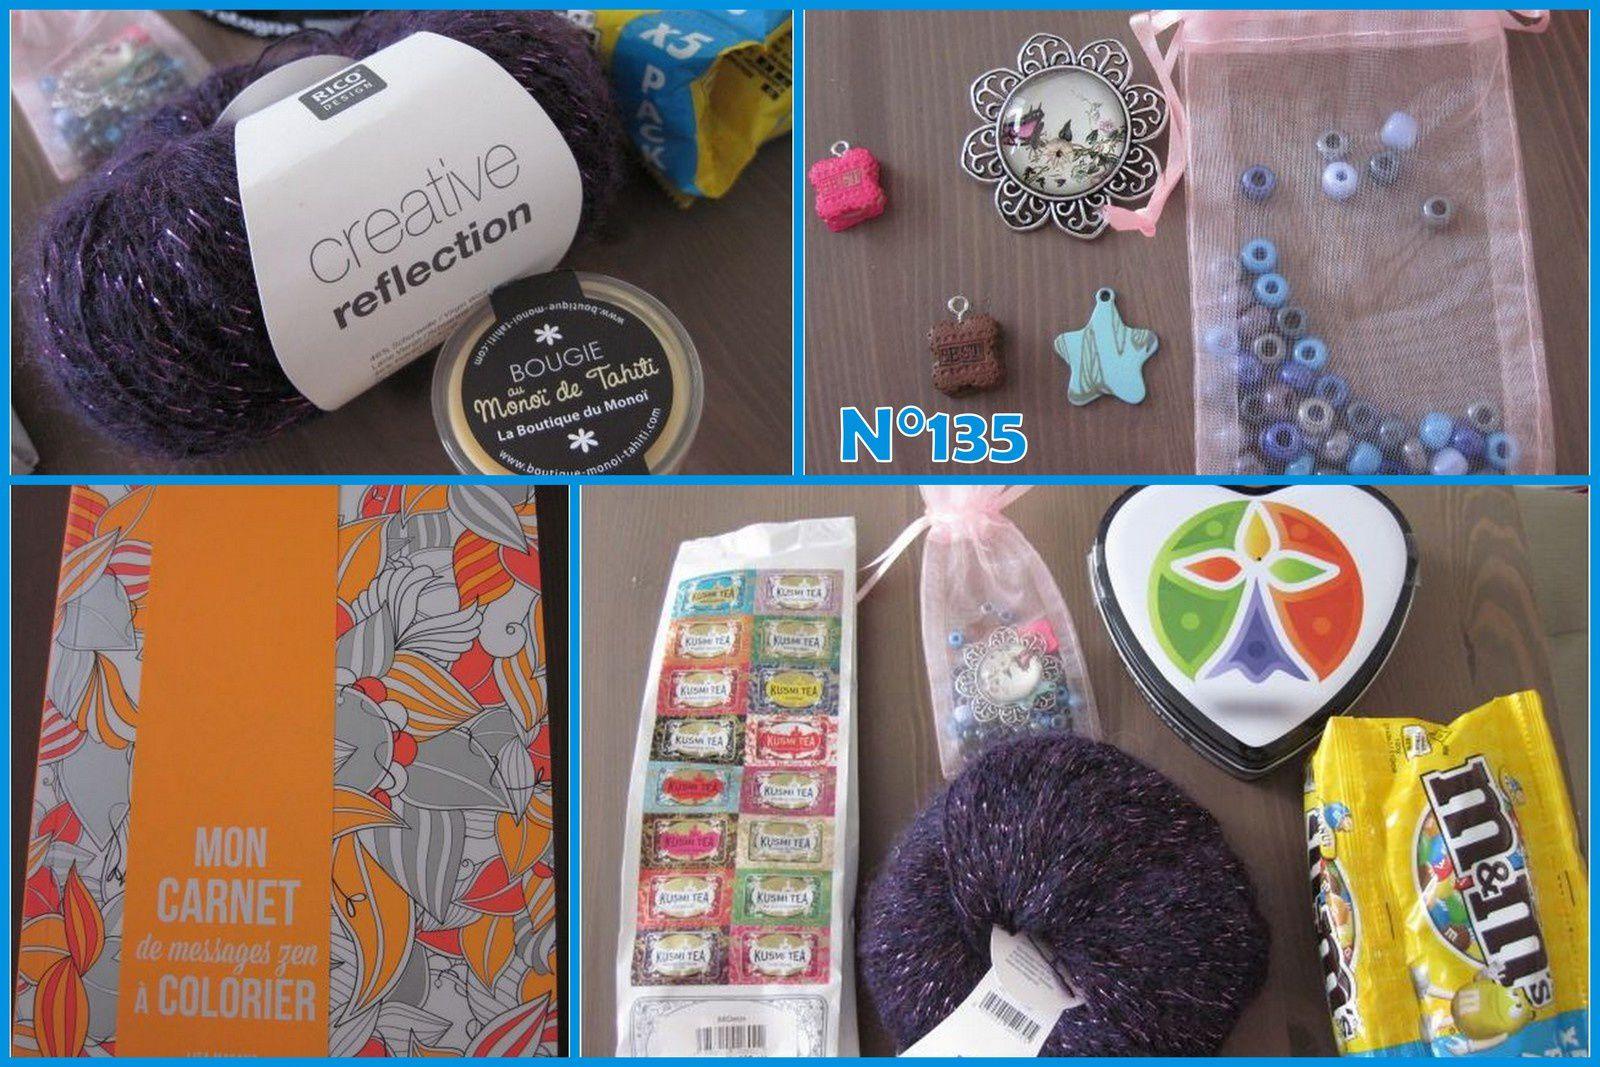 N°135 Le sac Mars : 22ème livraison de cadeaux